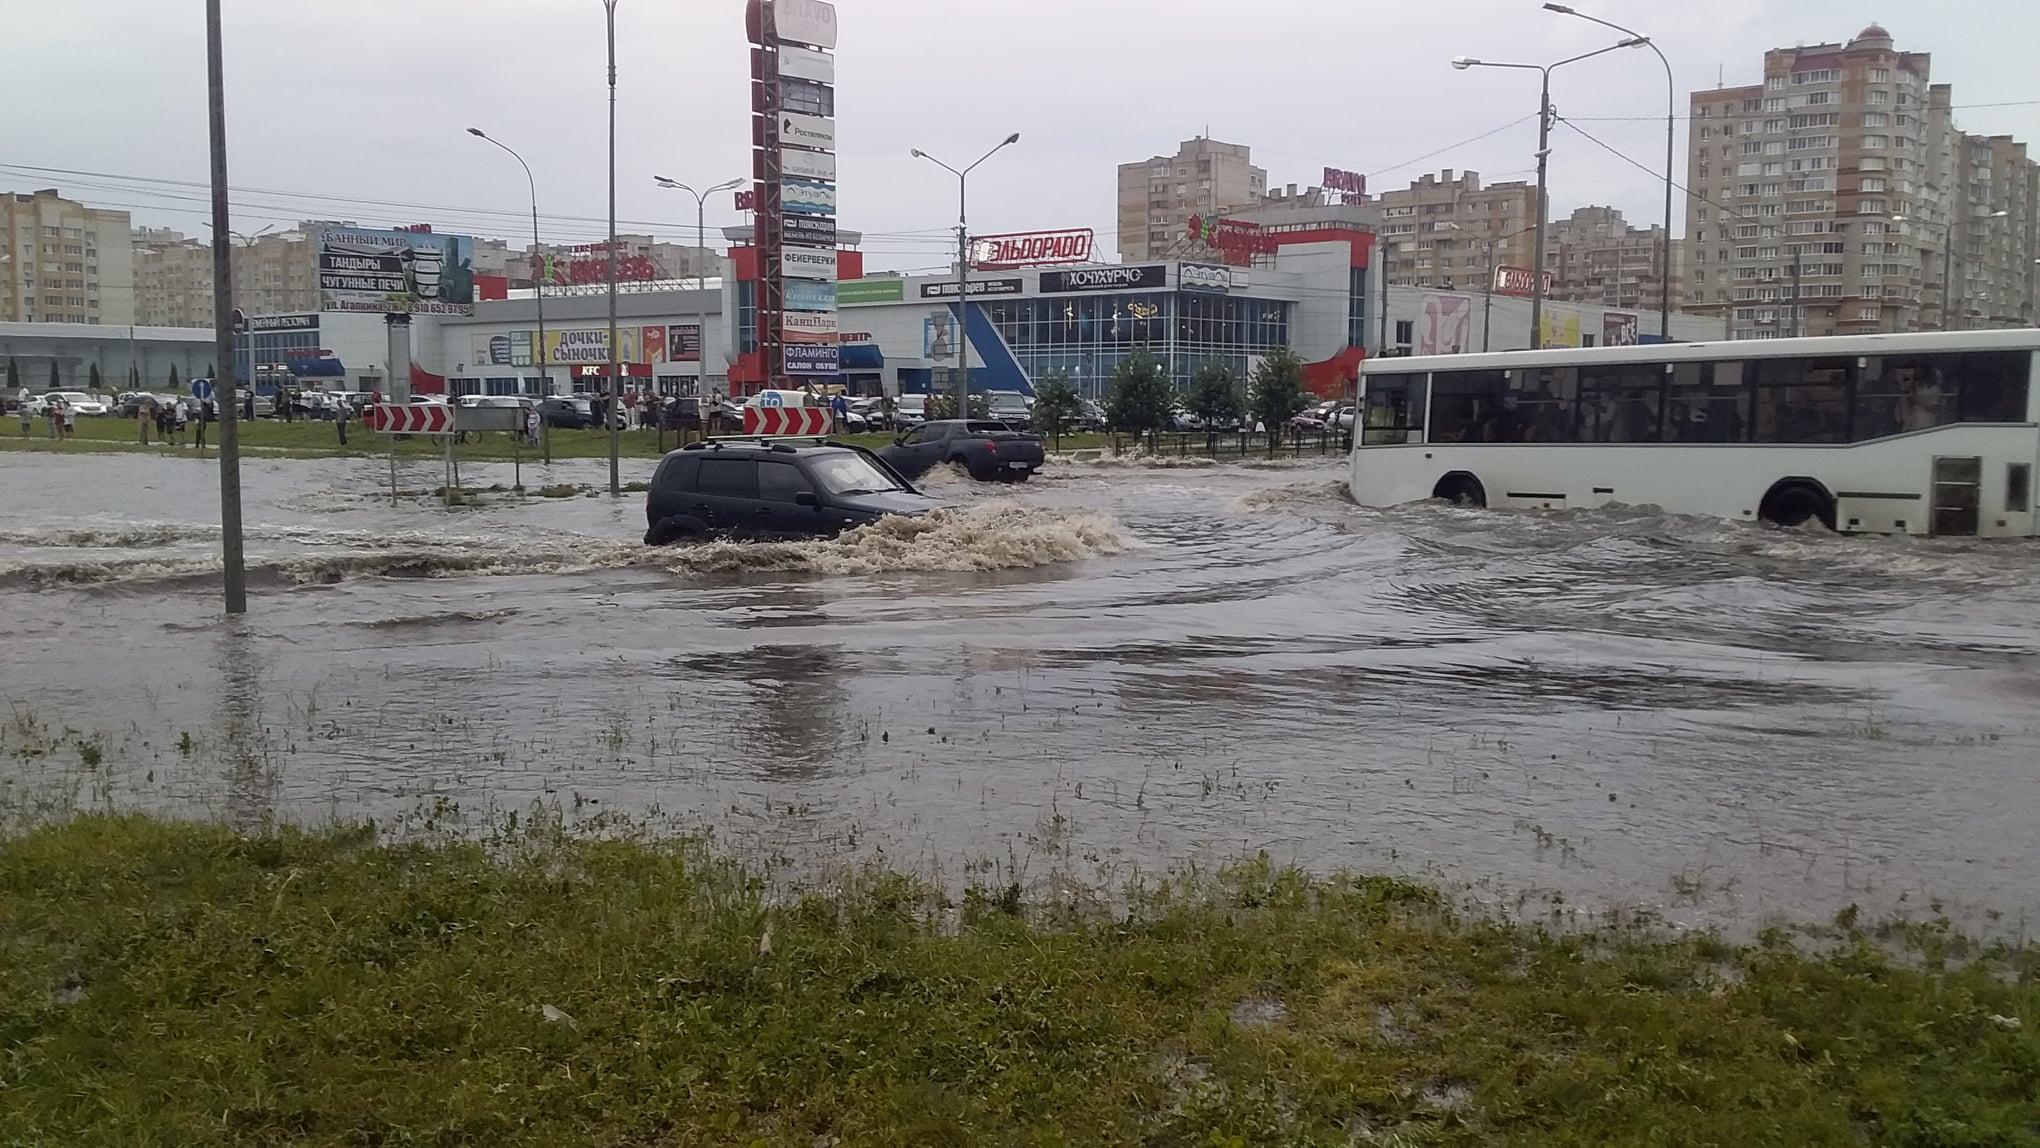 Ситуация на севере Тамбова после дождя - фото Александра Попова